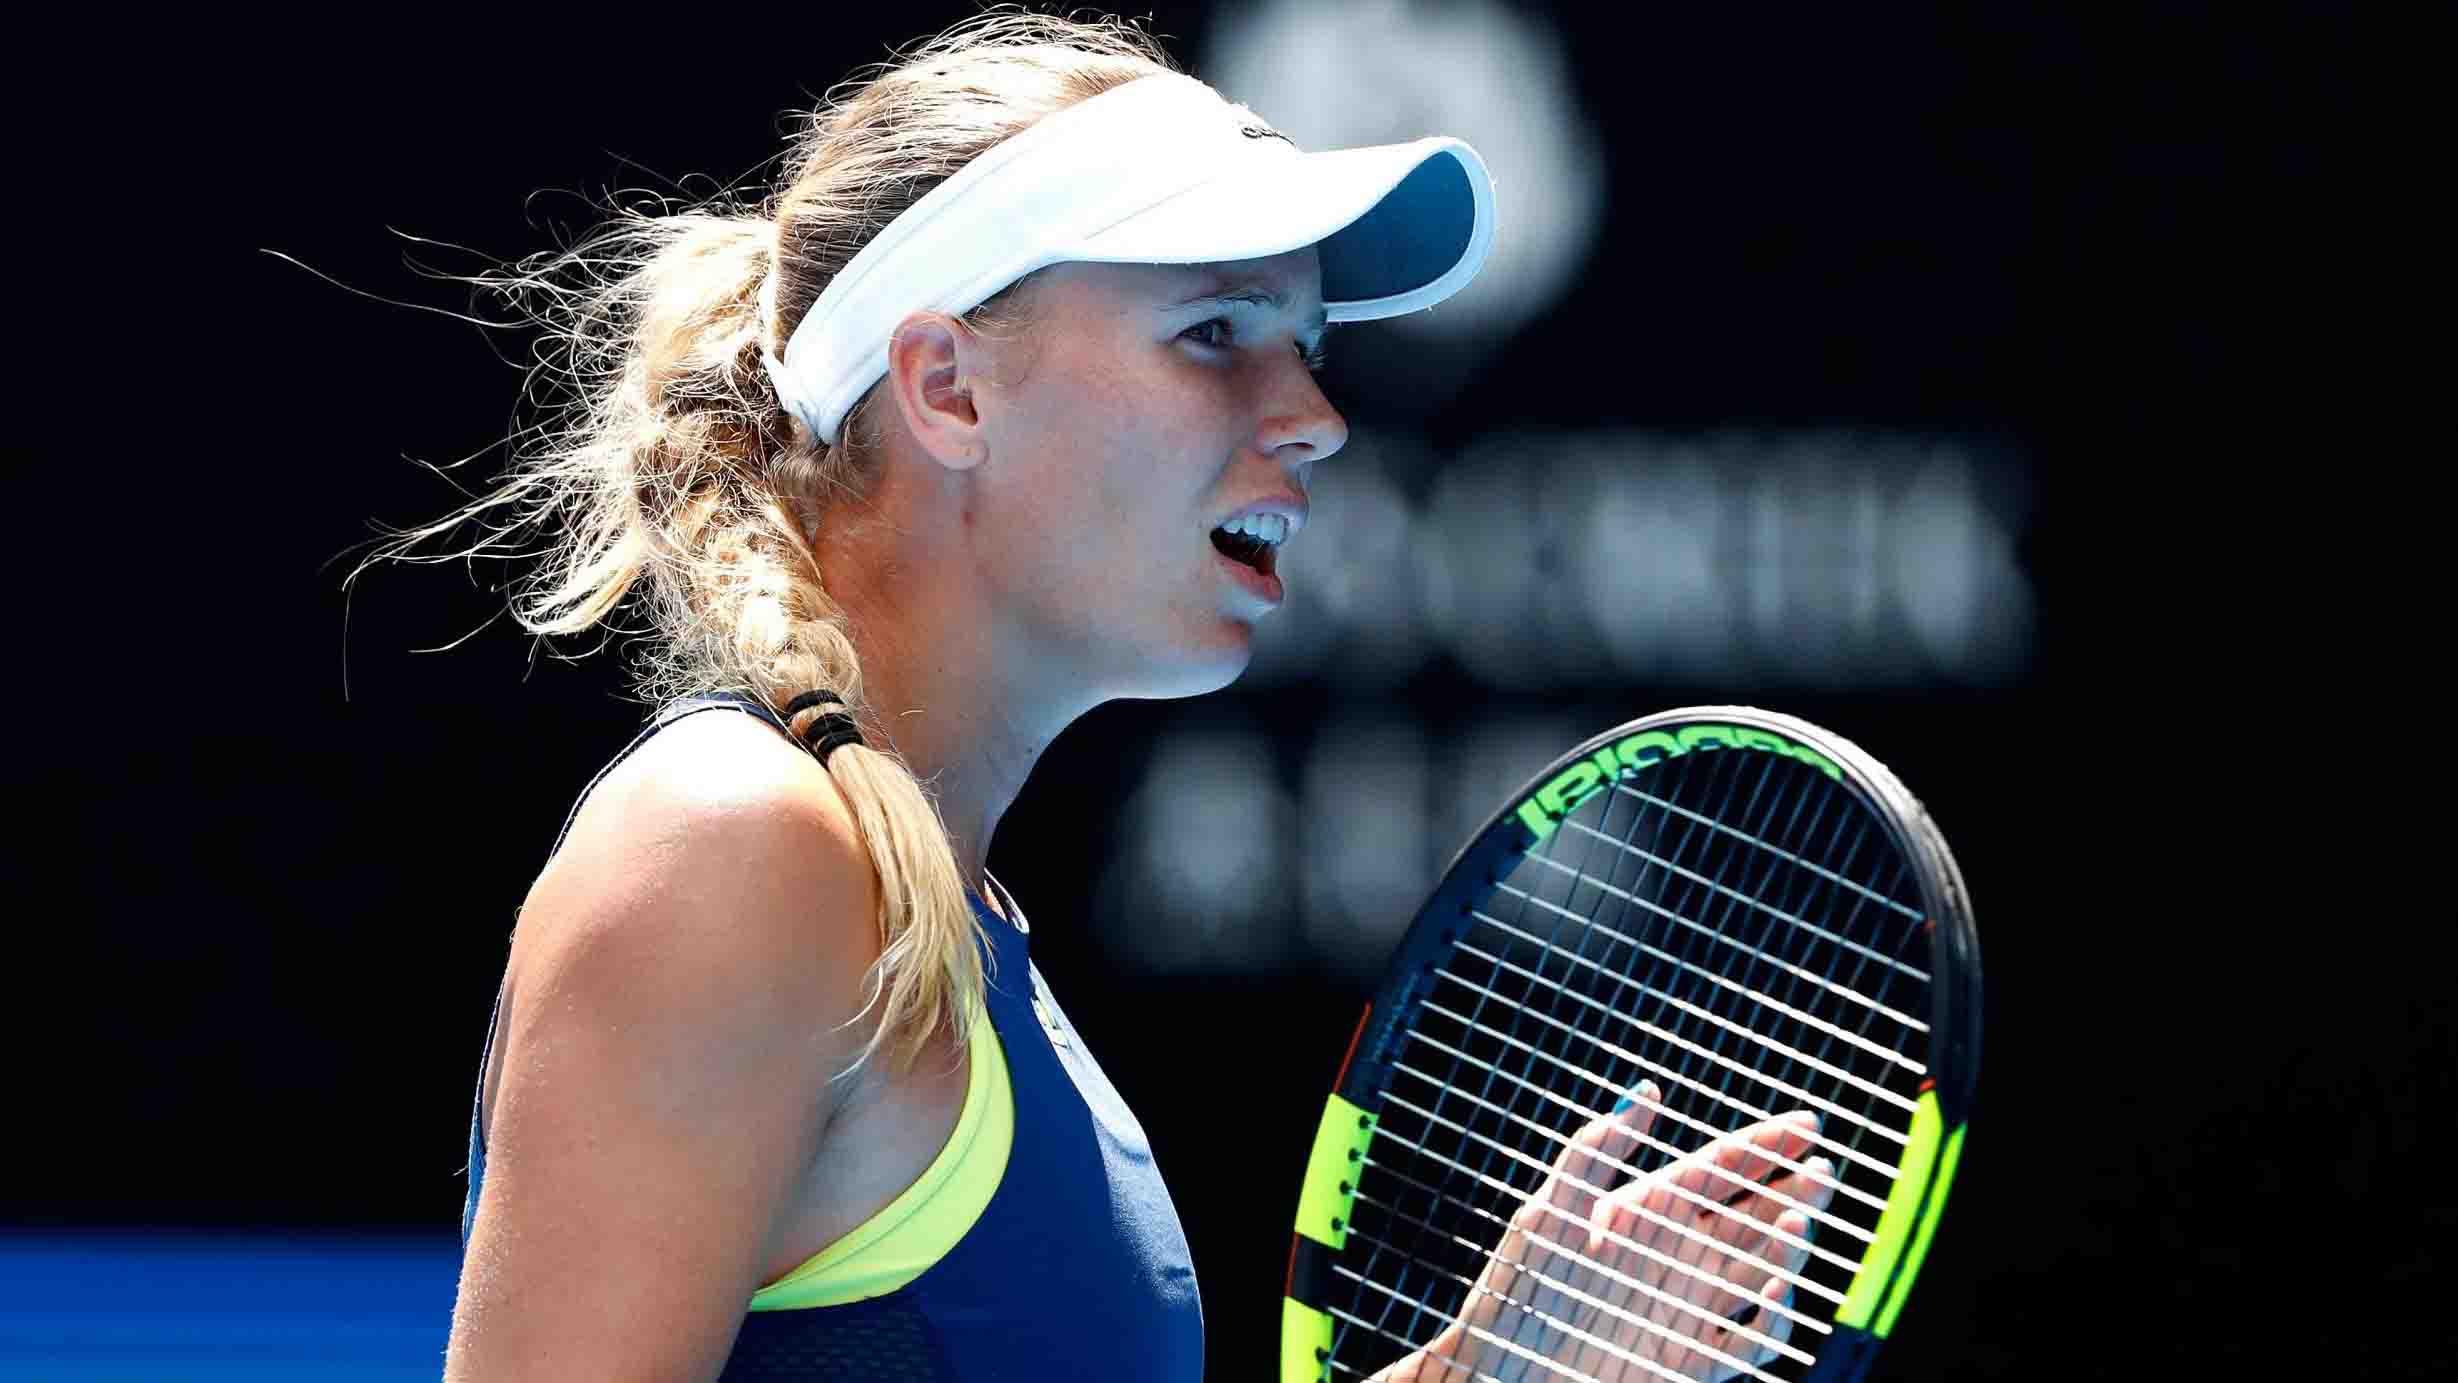 El evento es el último torneo del circuito femenino de la temporada y reúne a las ocho mejores raquetas del curso